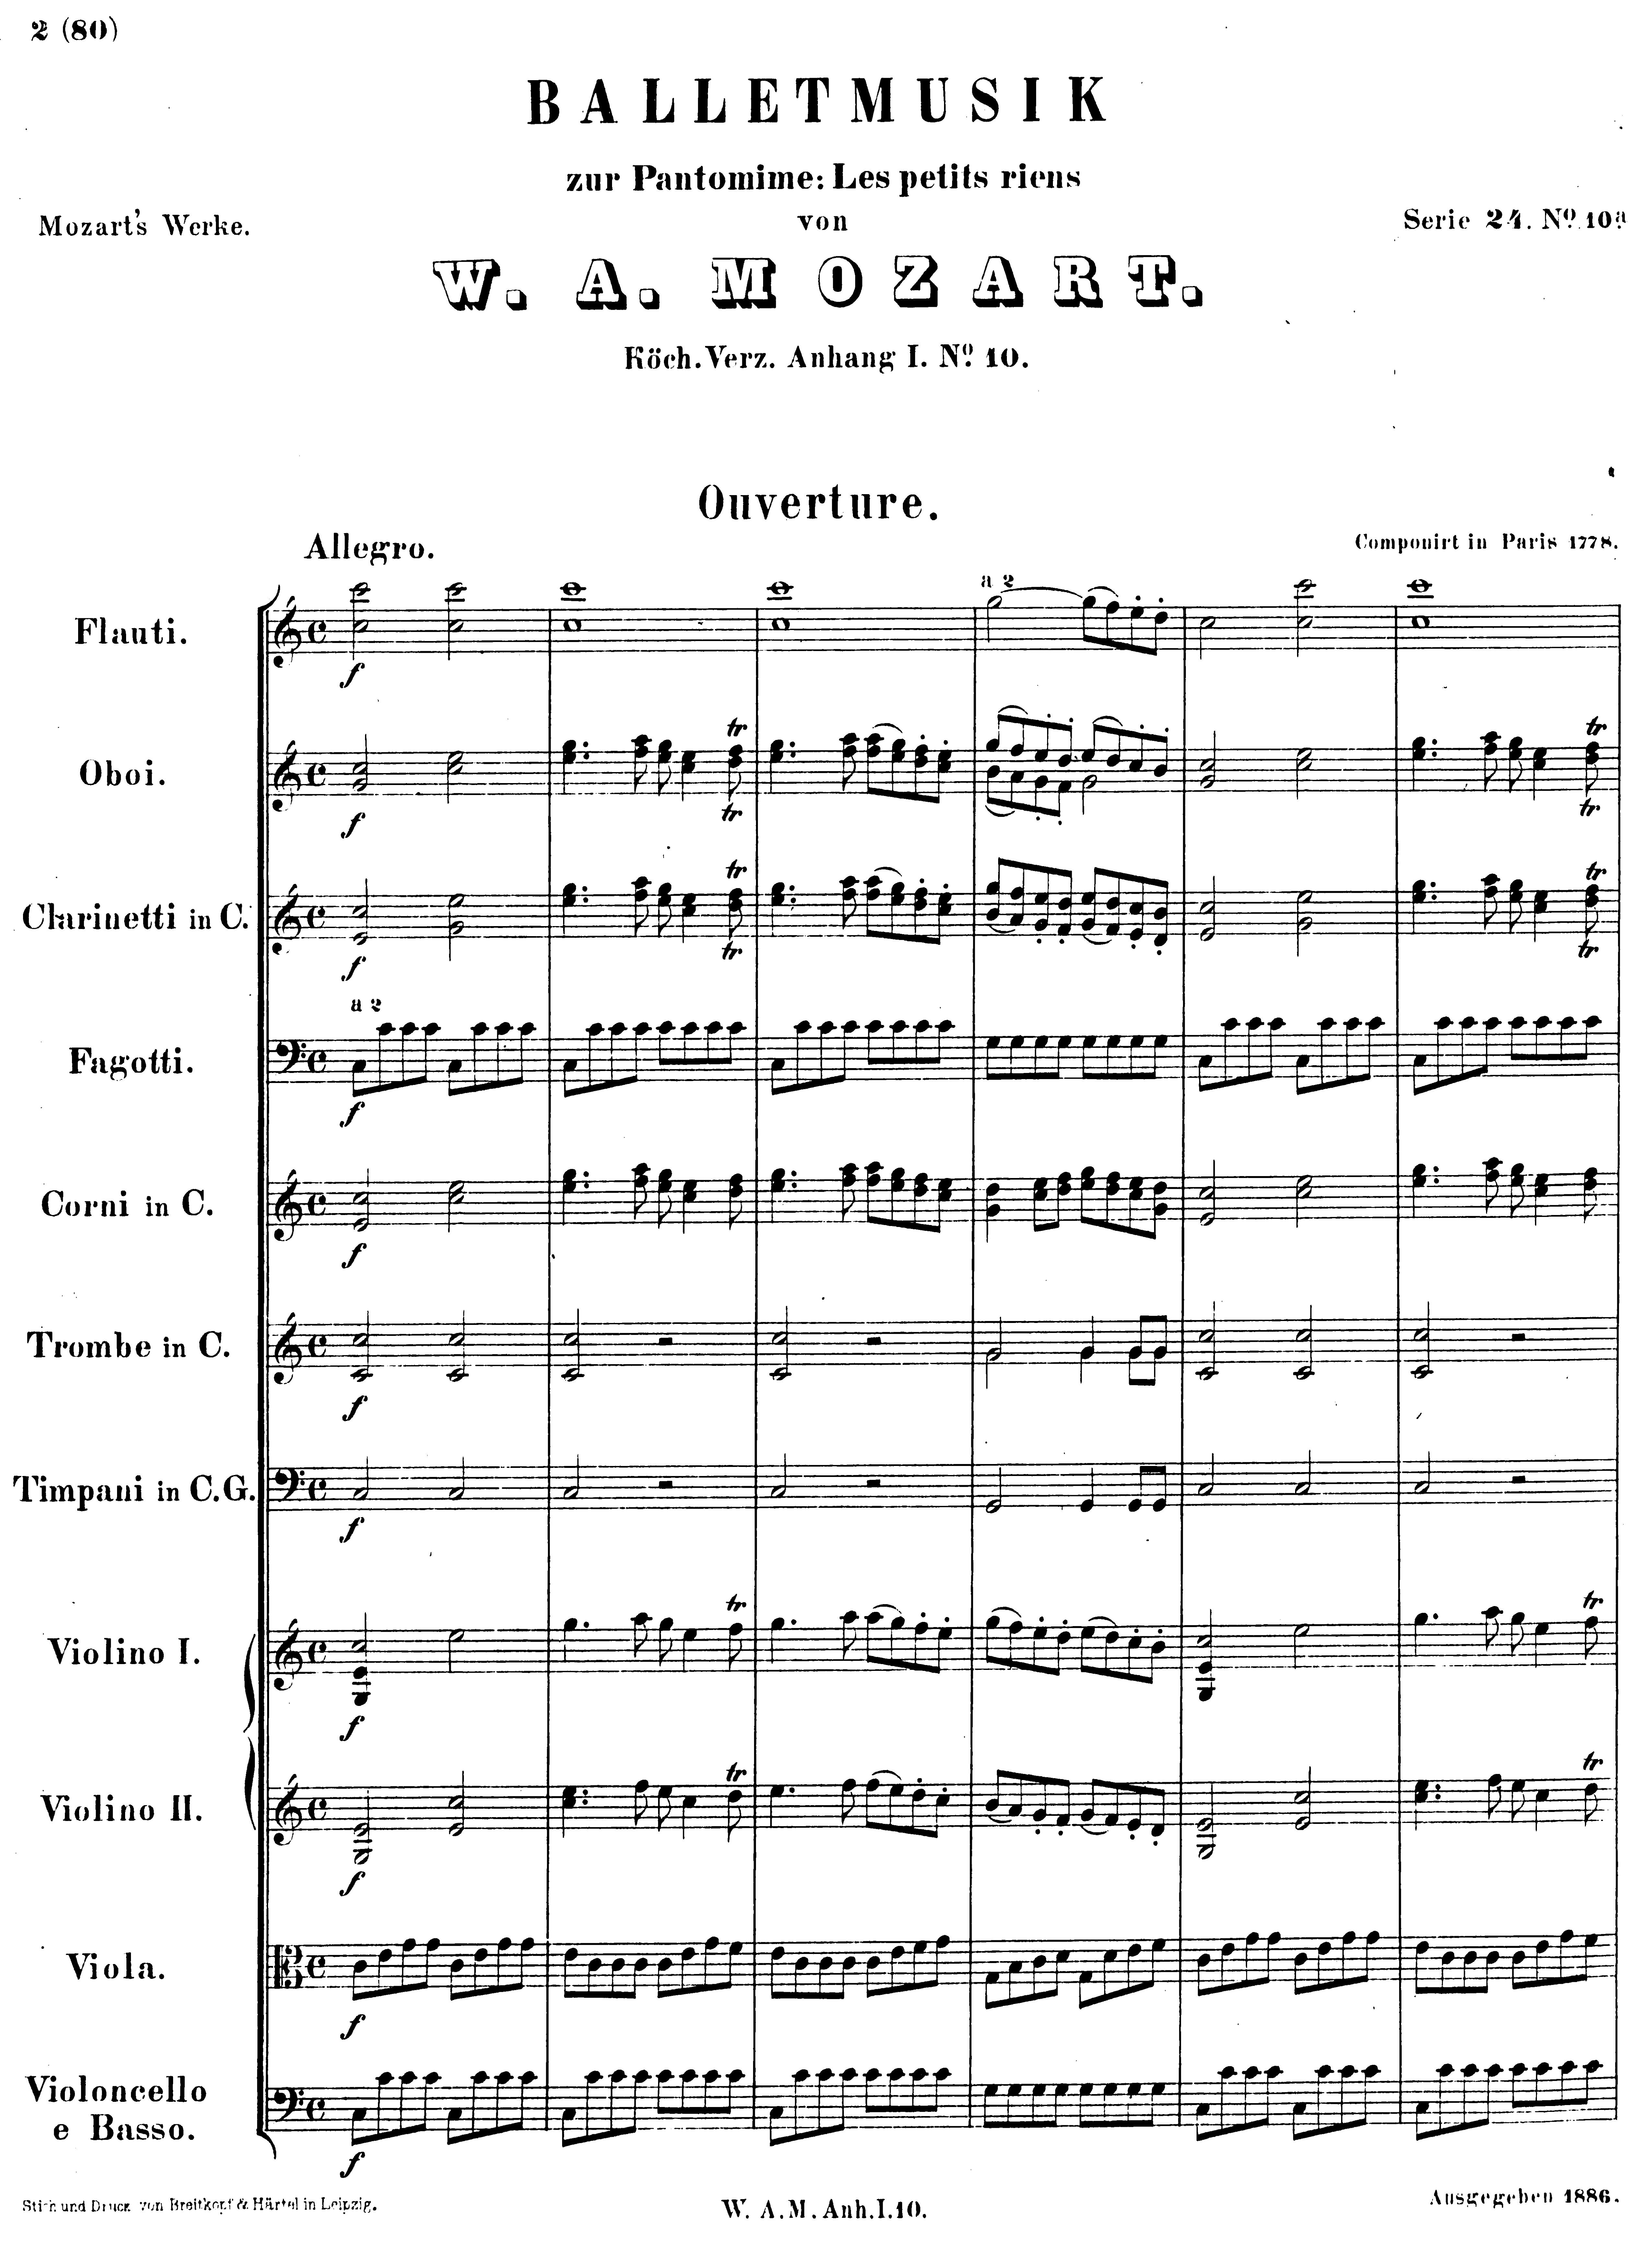 Première page 1ère édition Breitkopf&Härtel, cliquer pour voir l'original et ses références